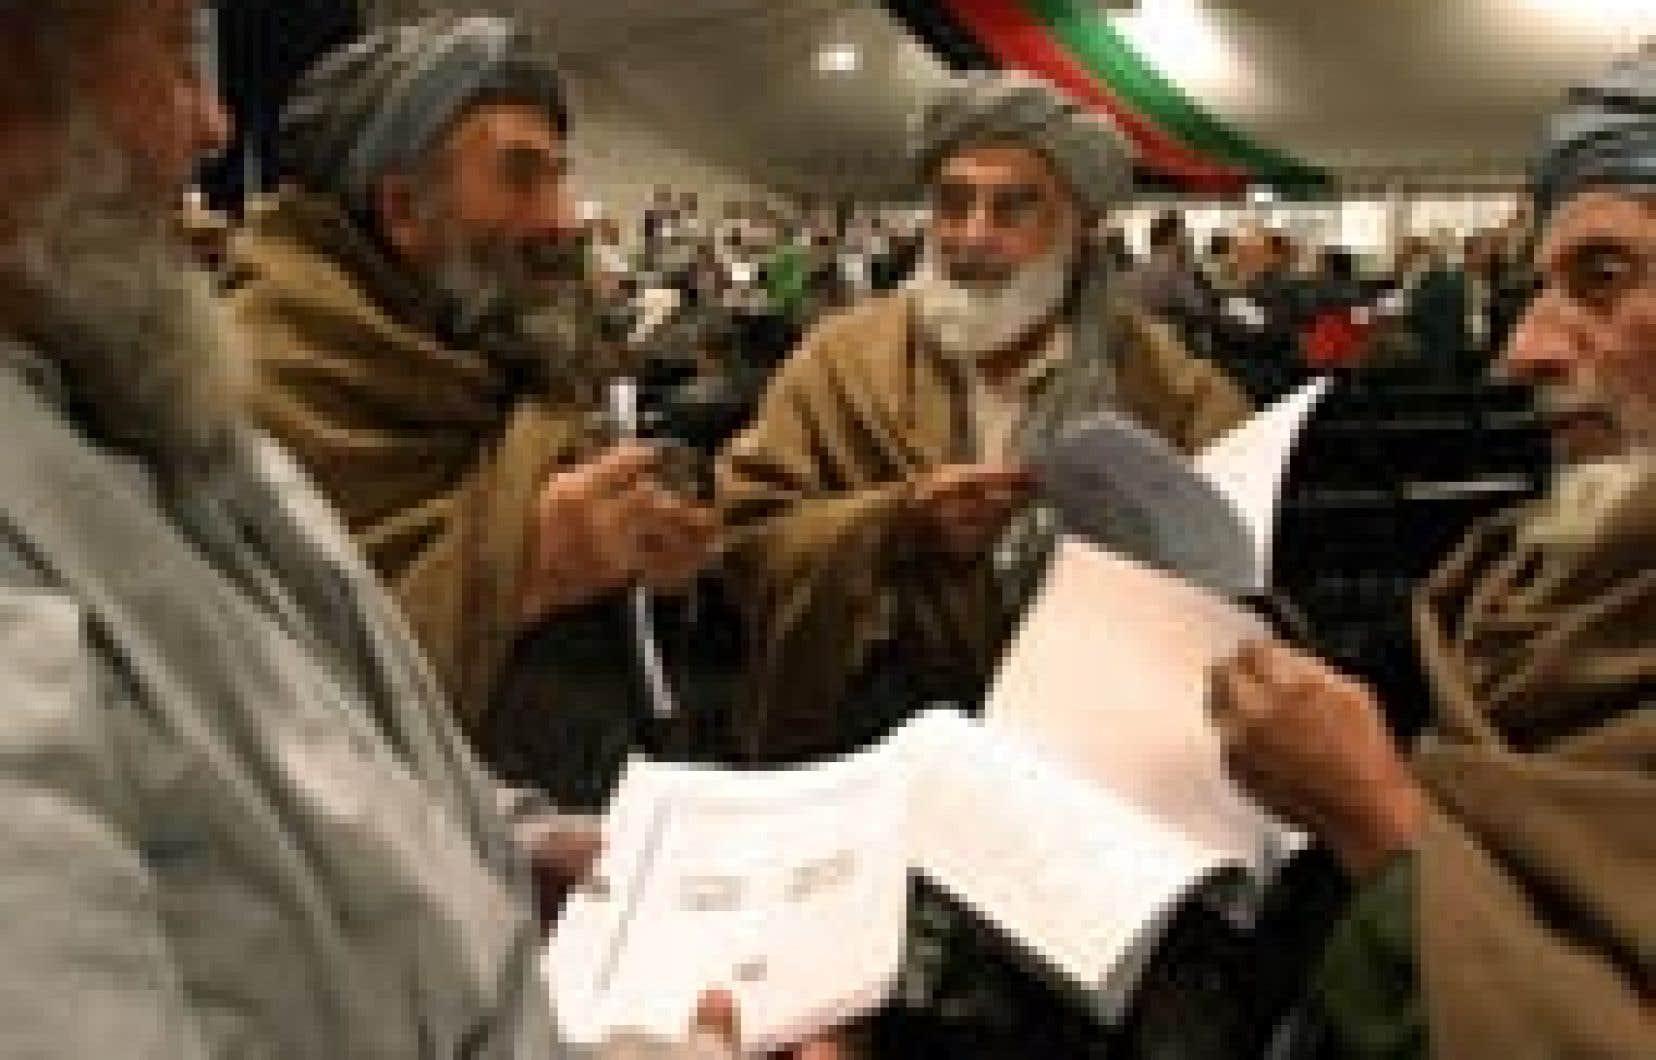 La nouvelle Constitution comporte 162 articles et instaure un régime présidentiel bicaméral avec une Wolesi Jirga (Chambre du peuple) et une Meshrano Jirga (Chambre des Anciens).